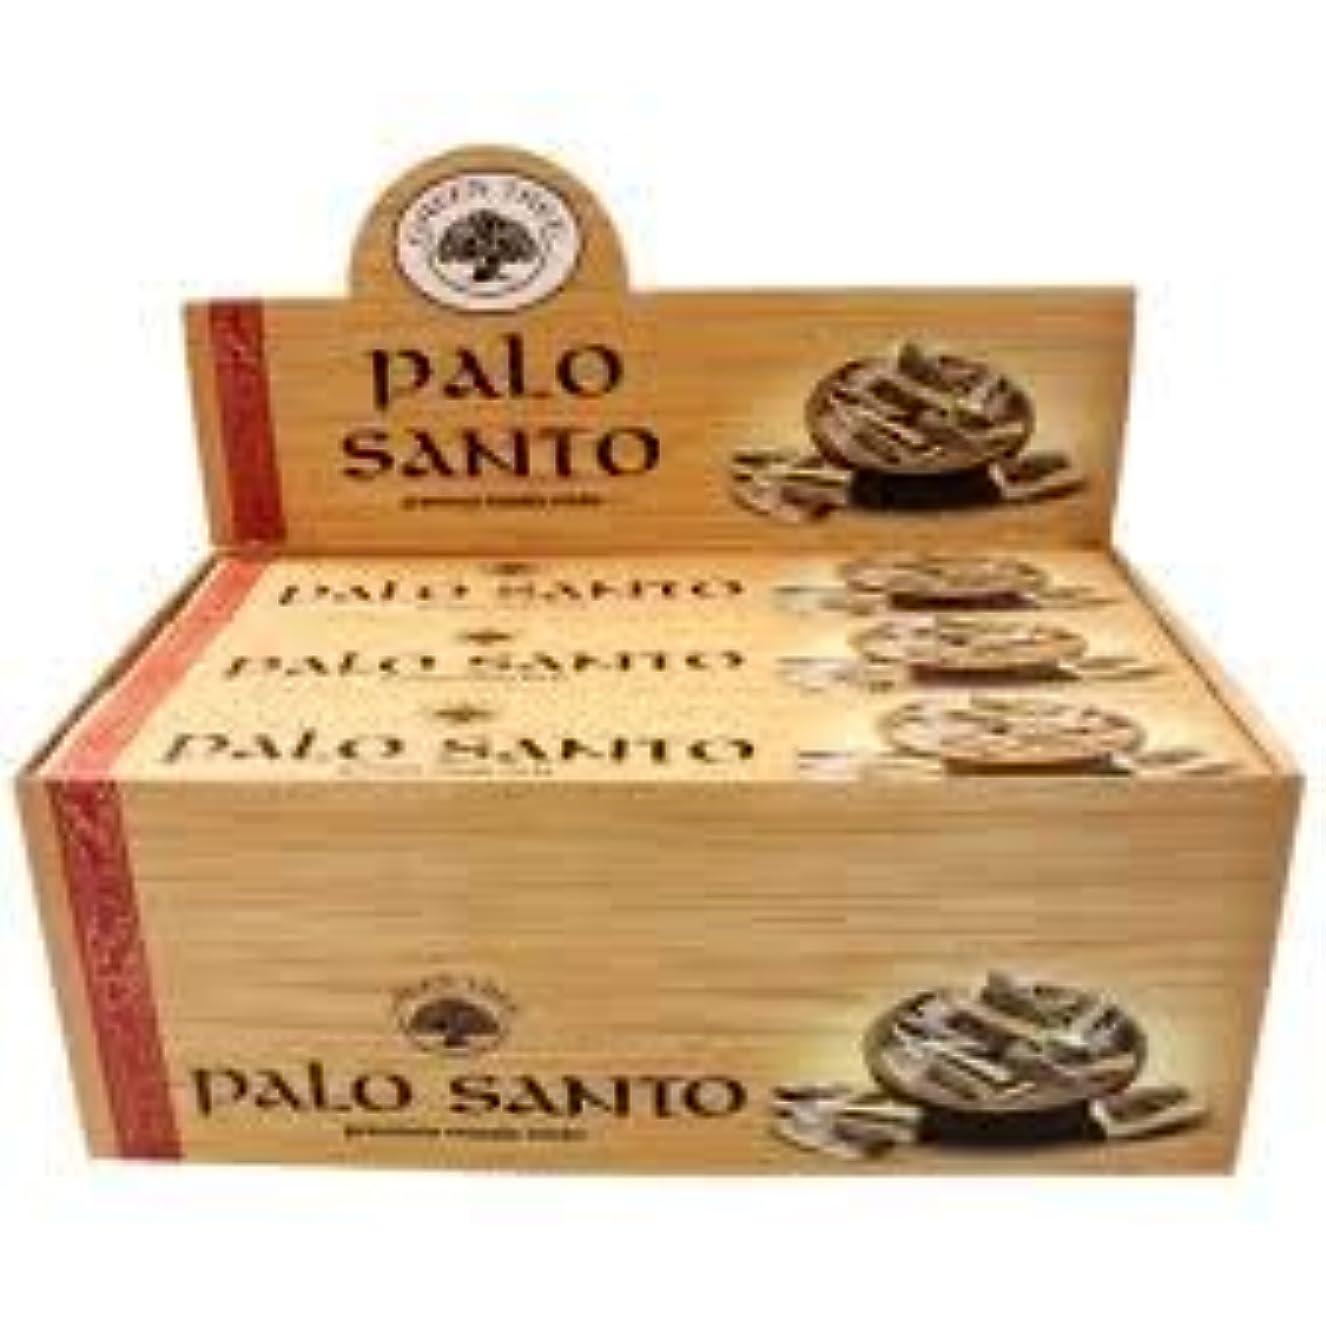 ヘリコプター夜アッパーGREEN TREE PALO SANTO パロサント 聖なる樹 お香 スティック 約15本入 (1箱) [並行輸入品]